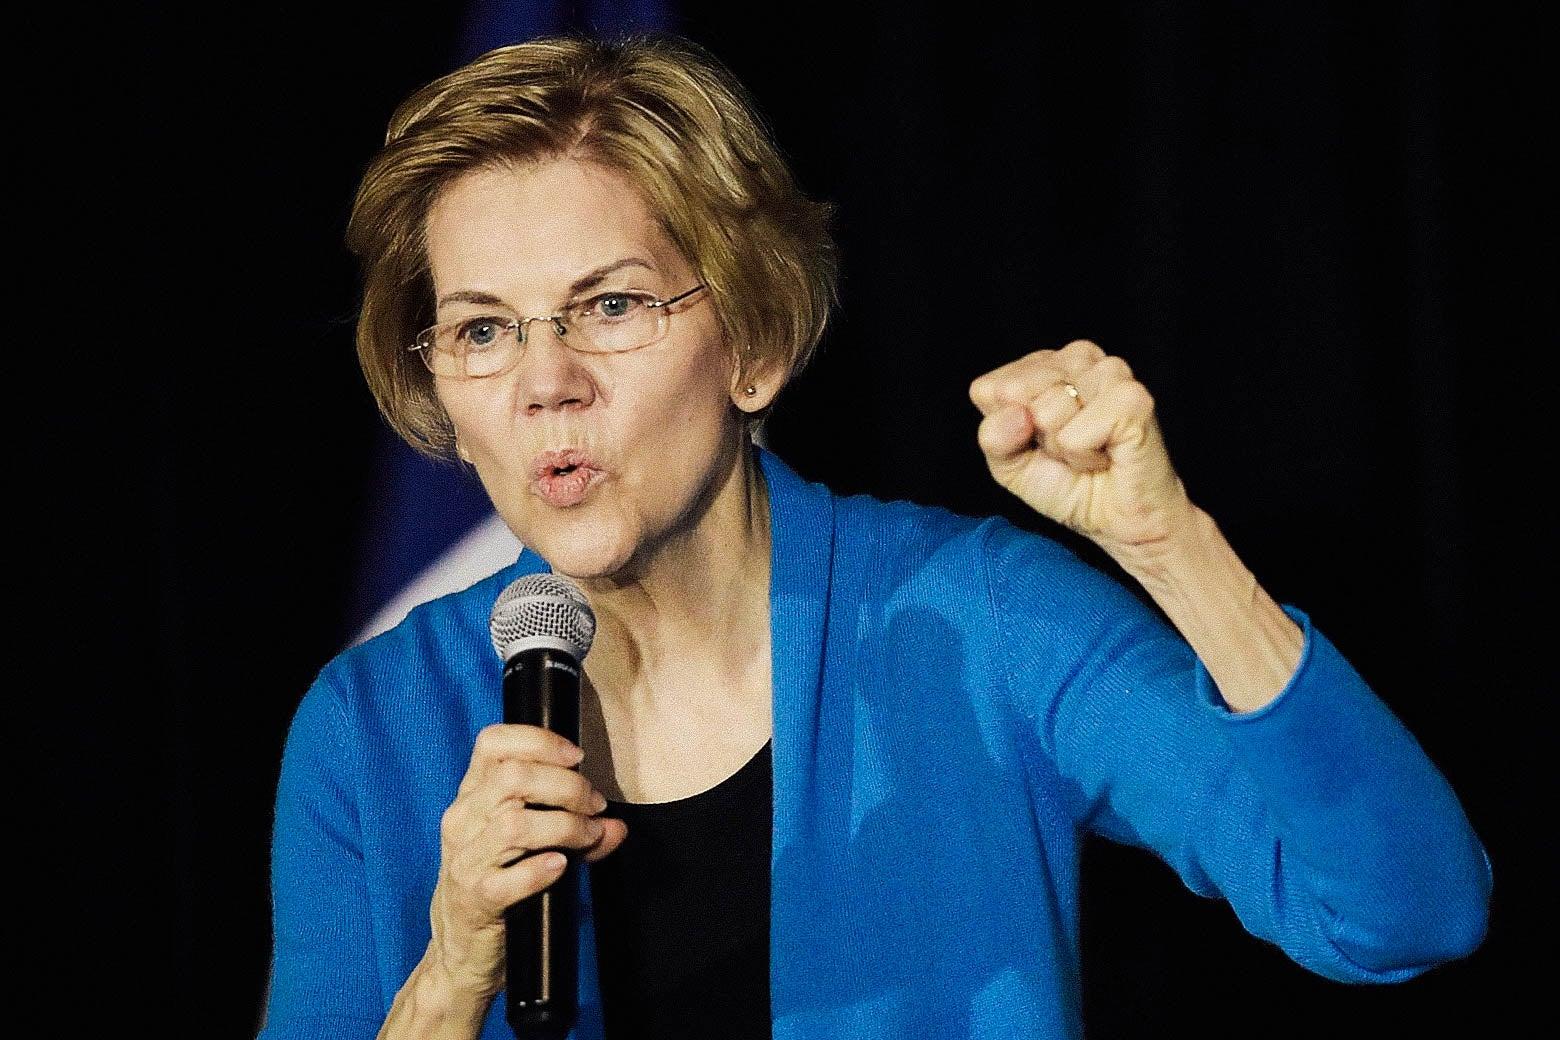 Sen. Elizabeth Warren just chillin' in Cedar Rapids.